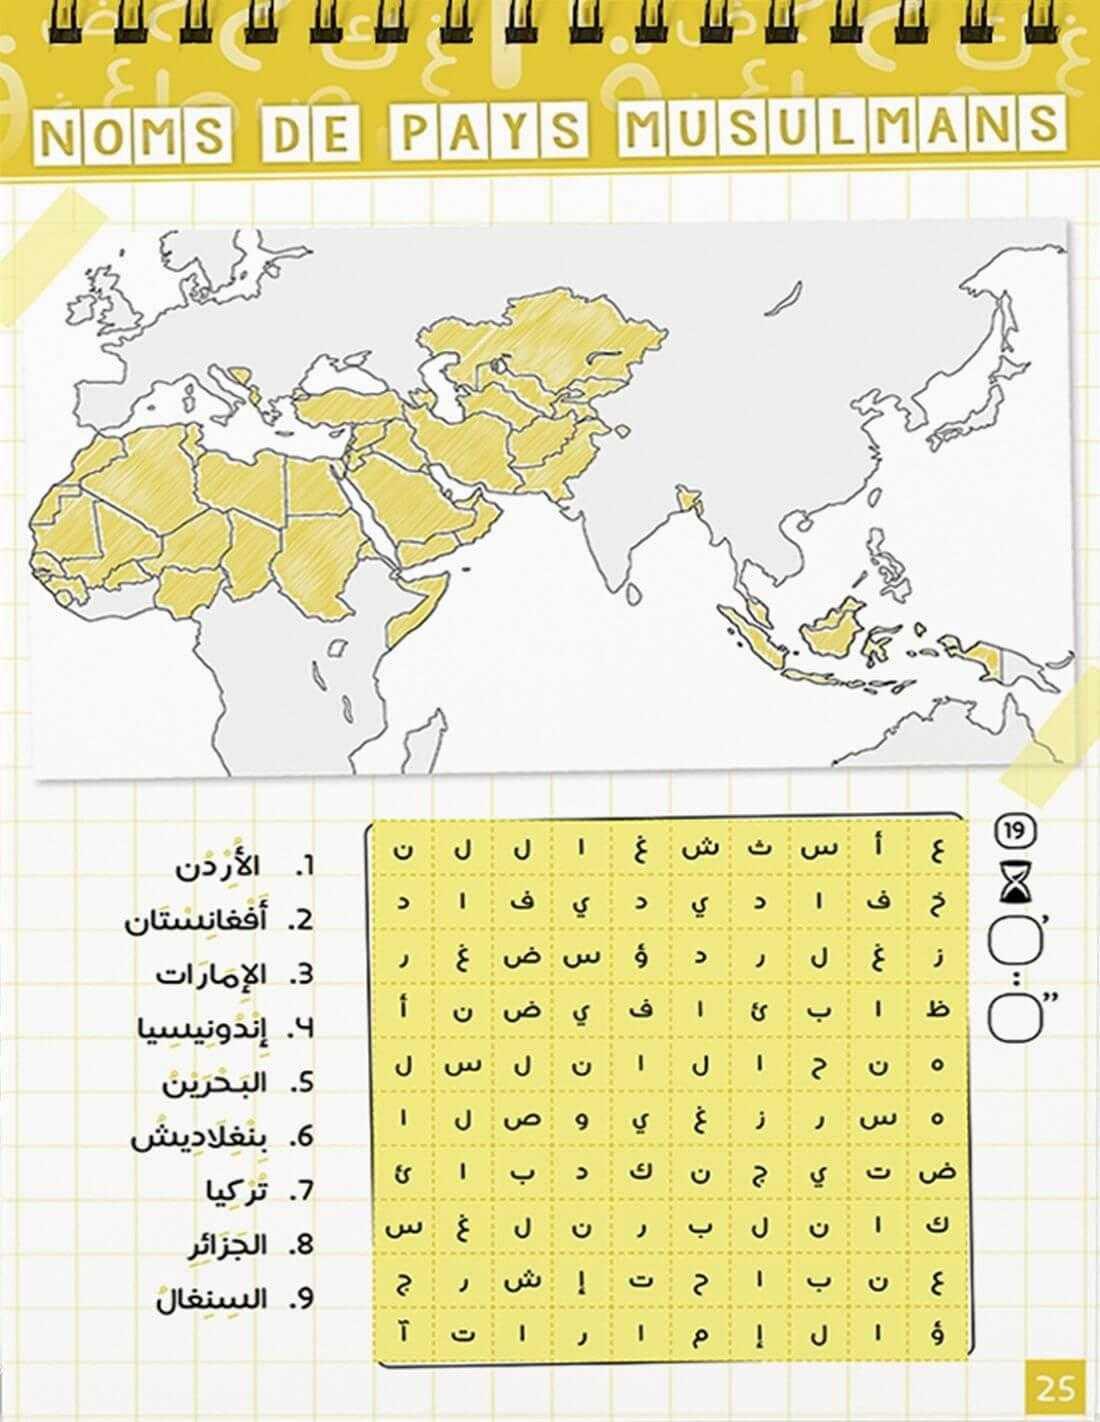 Apprendre du vocabulaire en arabe